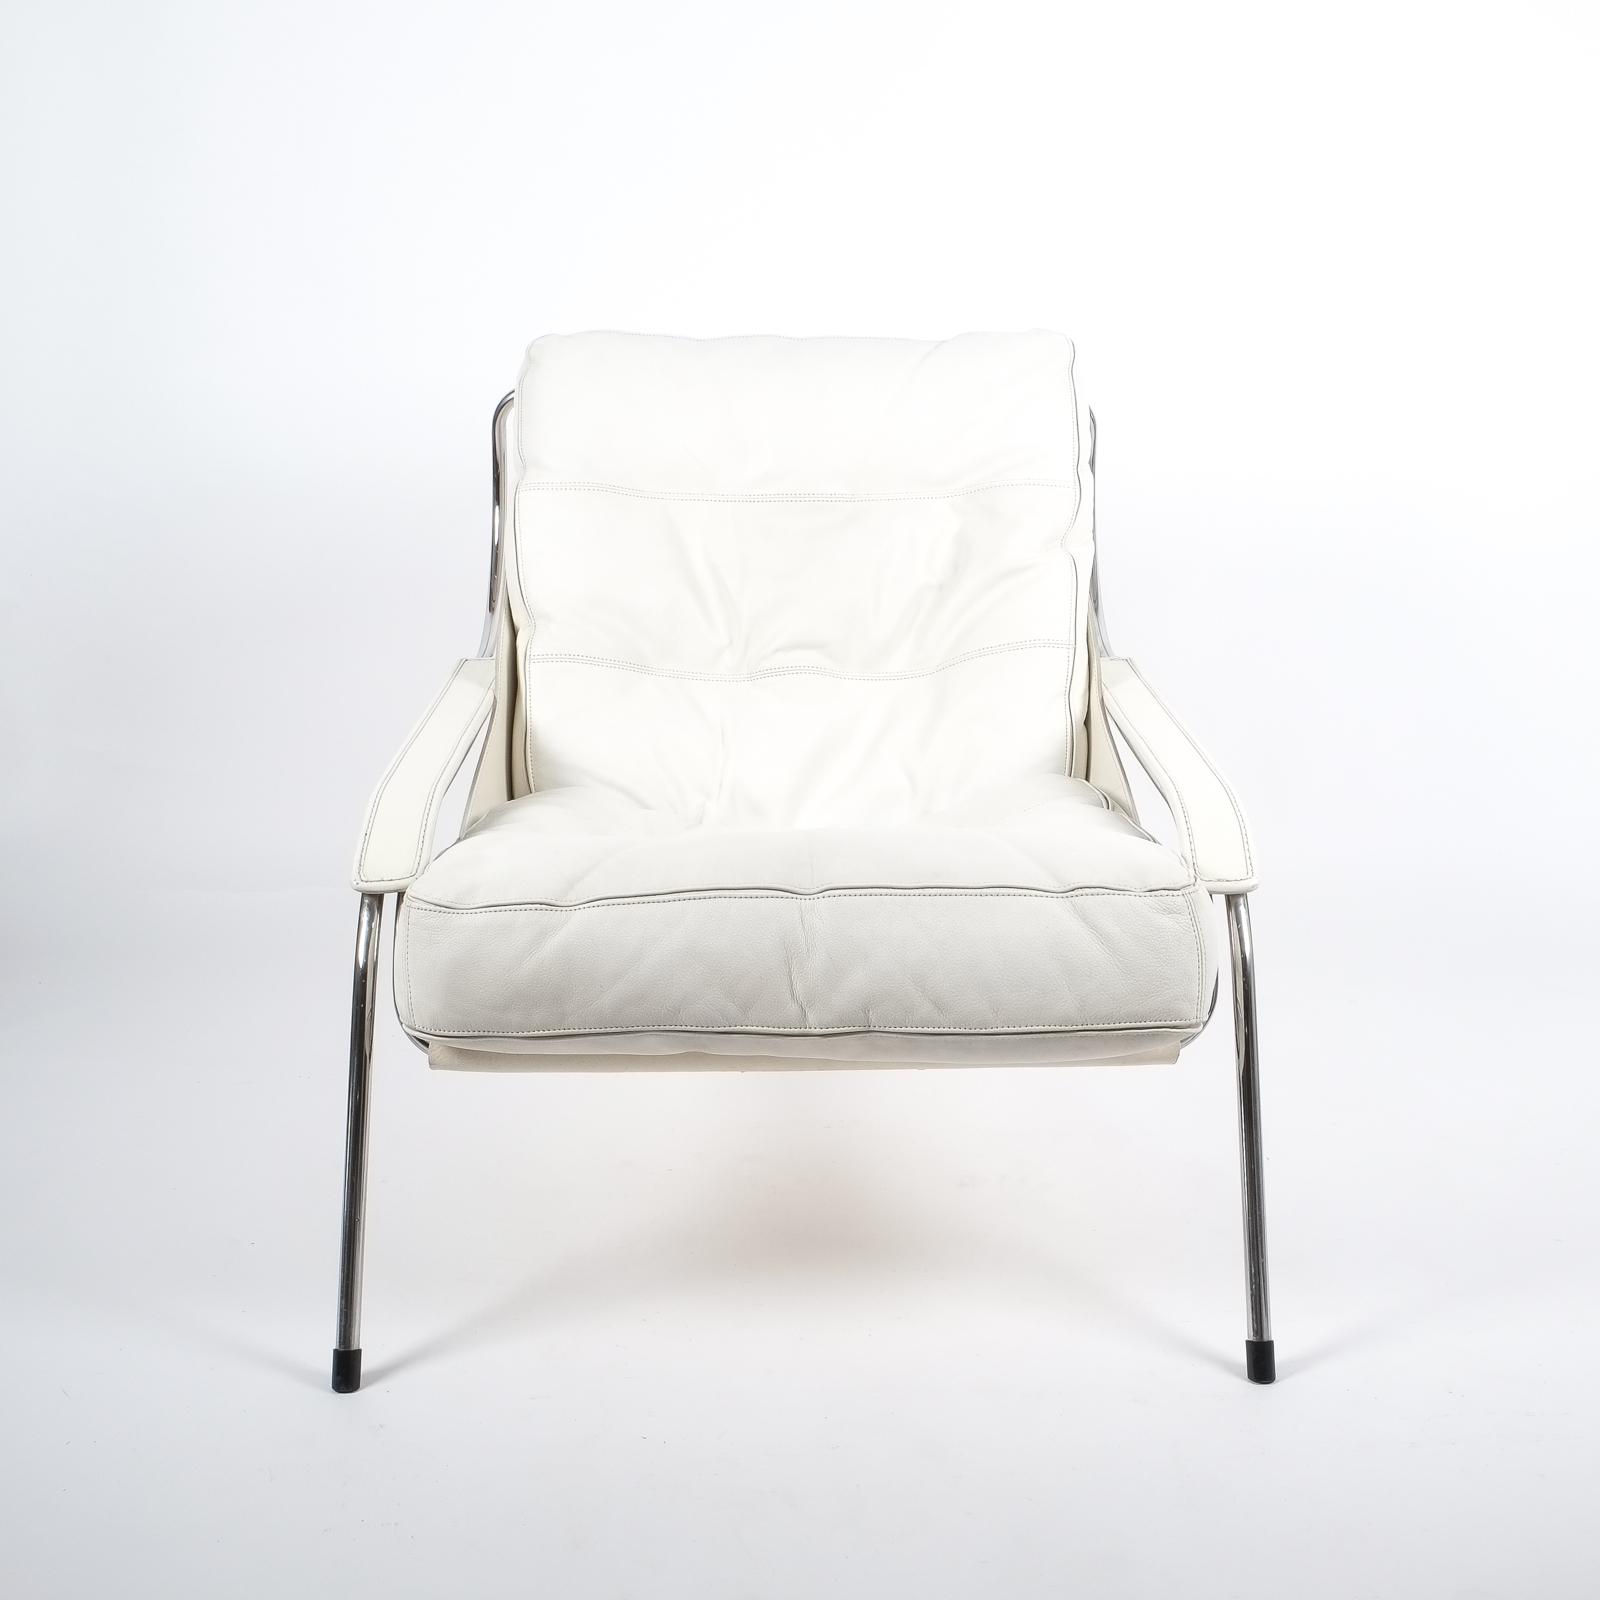 Marco Zanuso Maggiolina White Leather Chair by Zanotta 1947